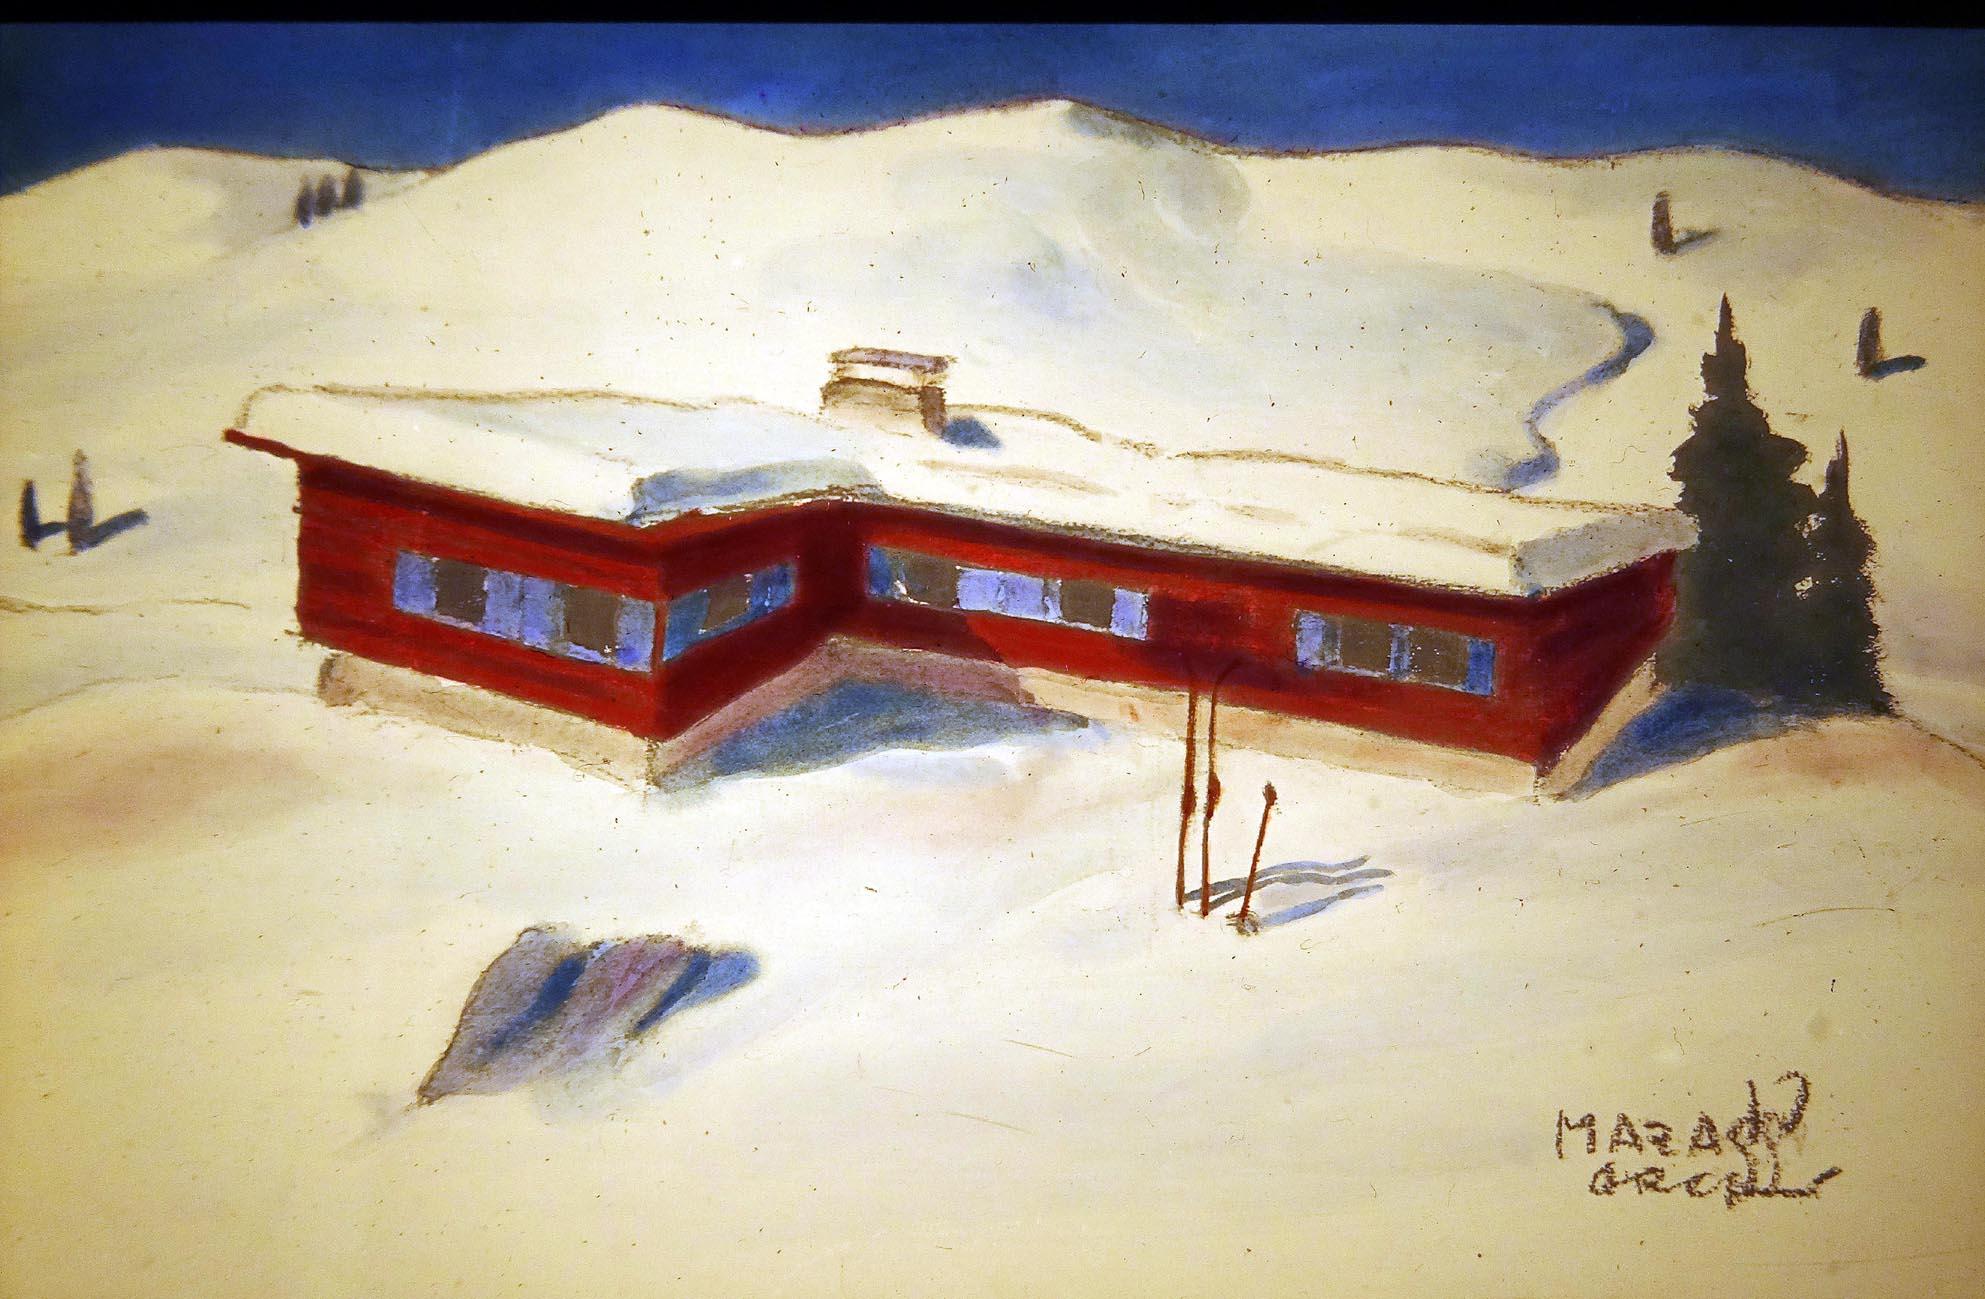 Entwurf von Siegfried Mazagg für eine Skihütte